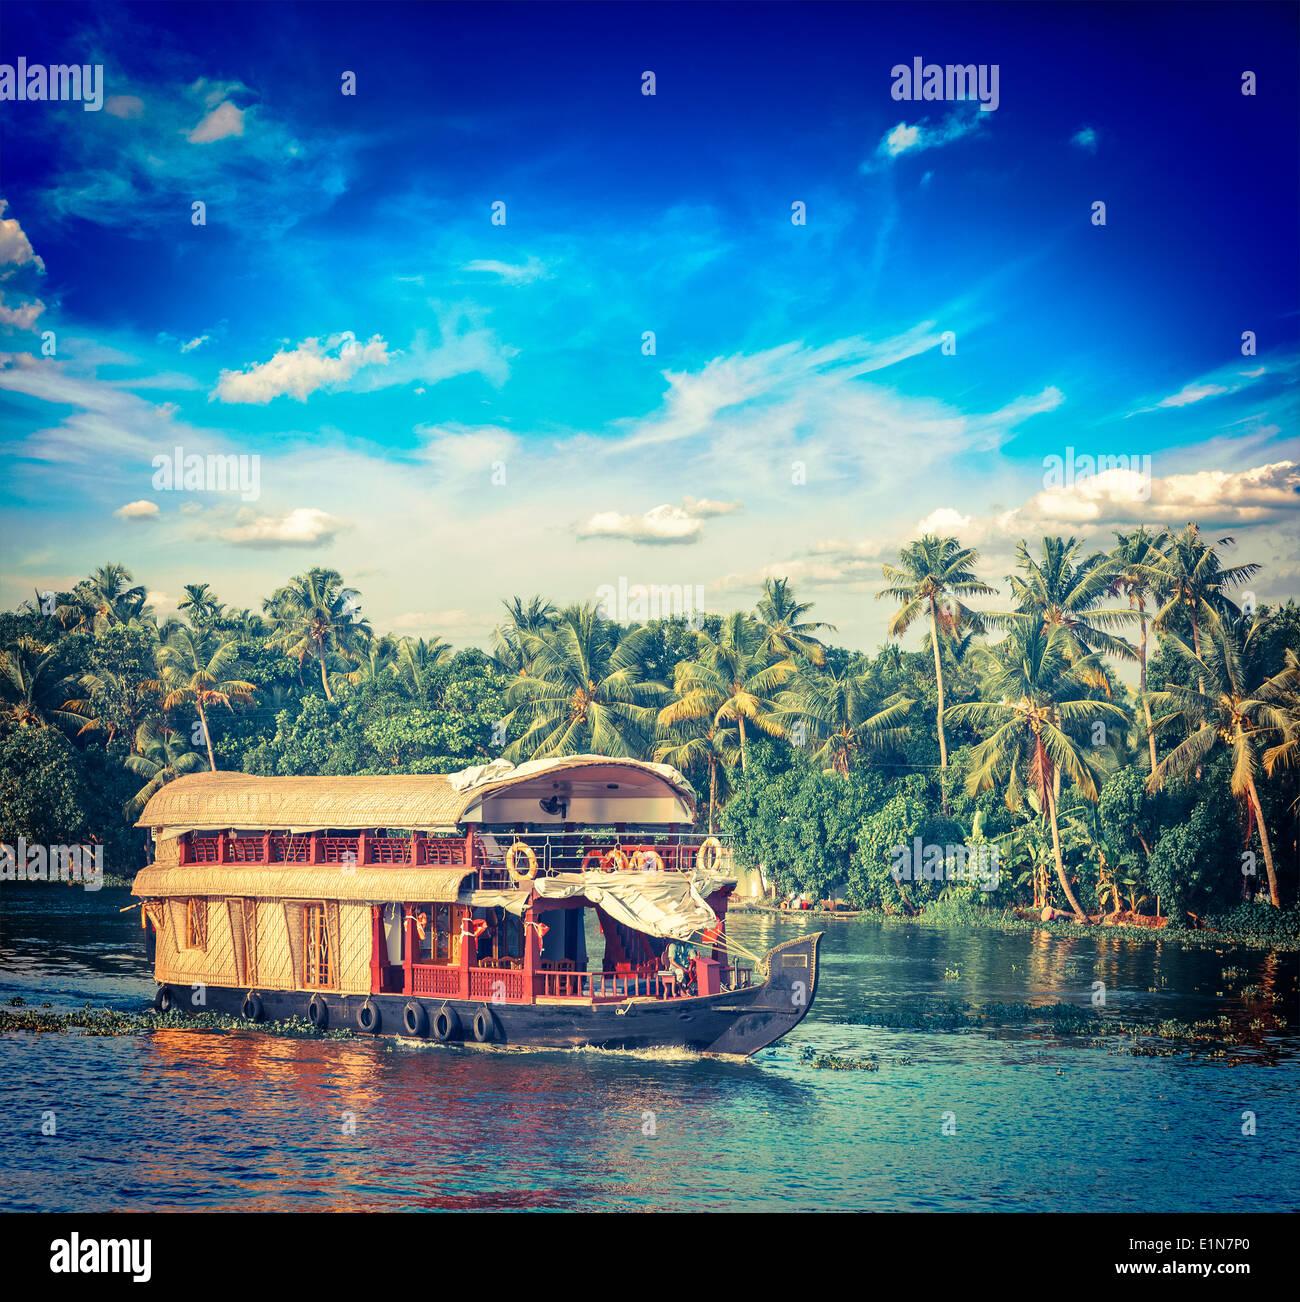 Vintage Retro estilo HIPSTER imagen viaje de Kerala viajes turismo antecedentes - casa flotante en remansos de Kerala. Kerala, India Imagen De Stock